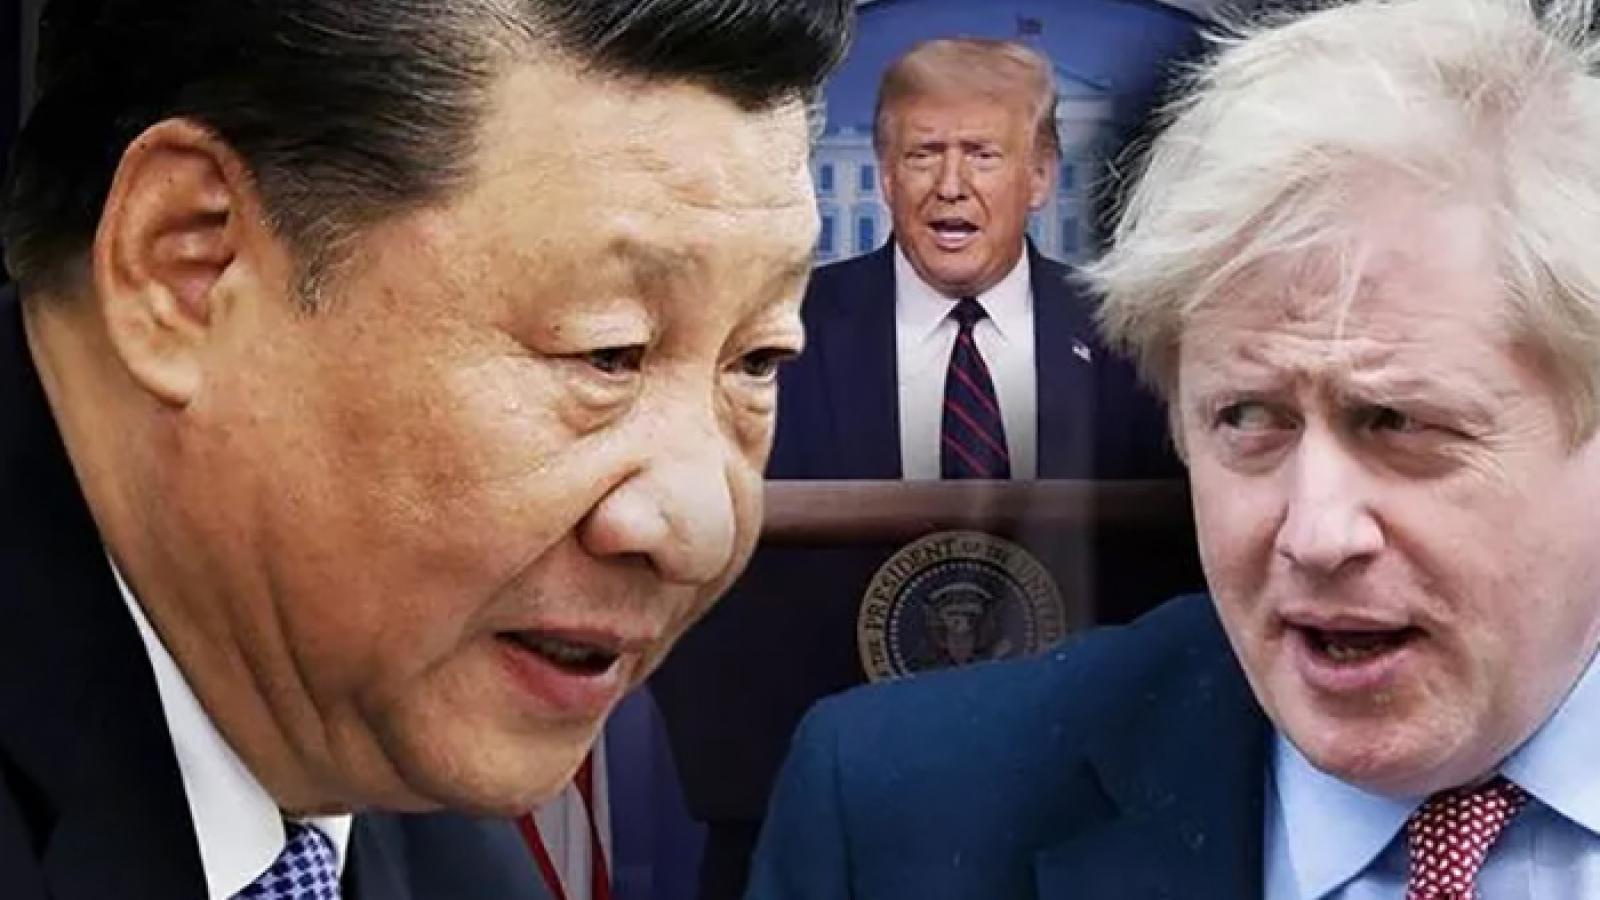 """Anh """"thiệt đơn thiệt kép"""" nếu rơi vào vòng xoáy đối đầu với Trung Quốc"""